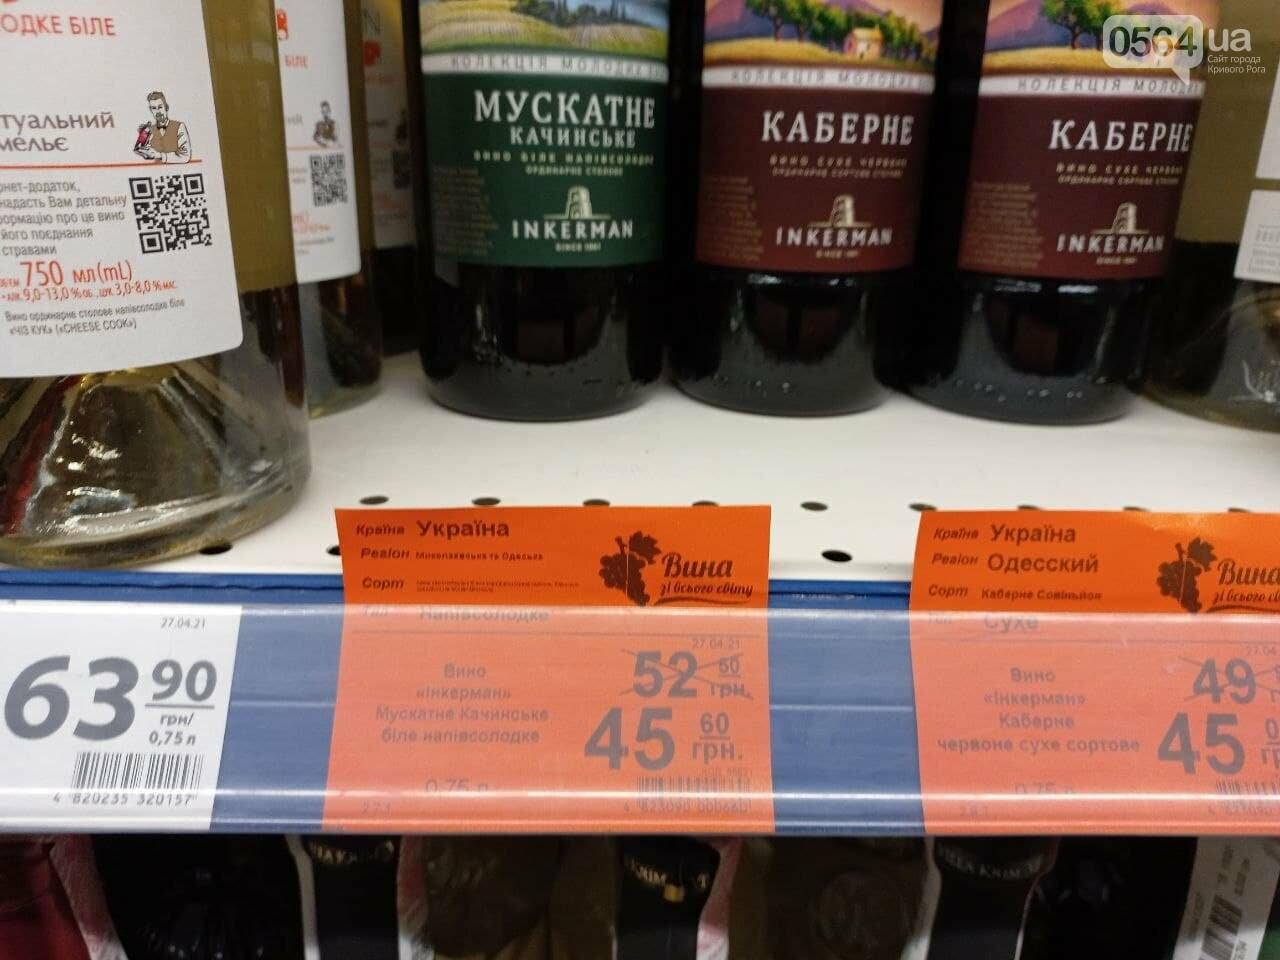 Пасхальная корзина 2021: сколько стоит традиционный праздничный набор продуктов в Кривом Роге, - ФОТО, фото-26